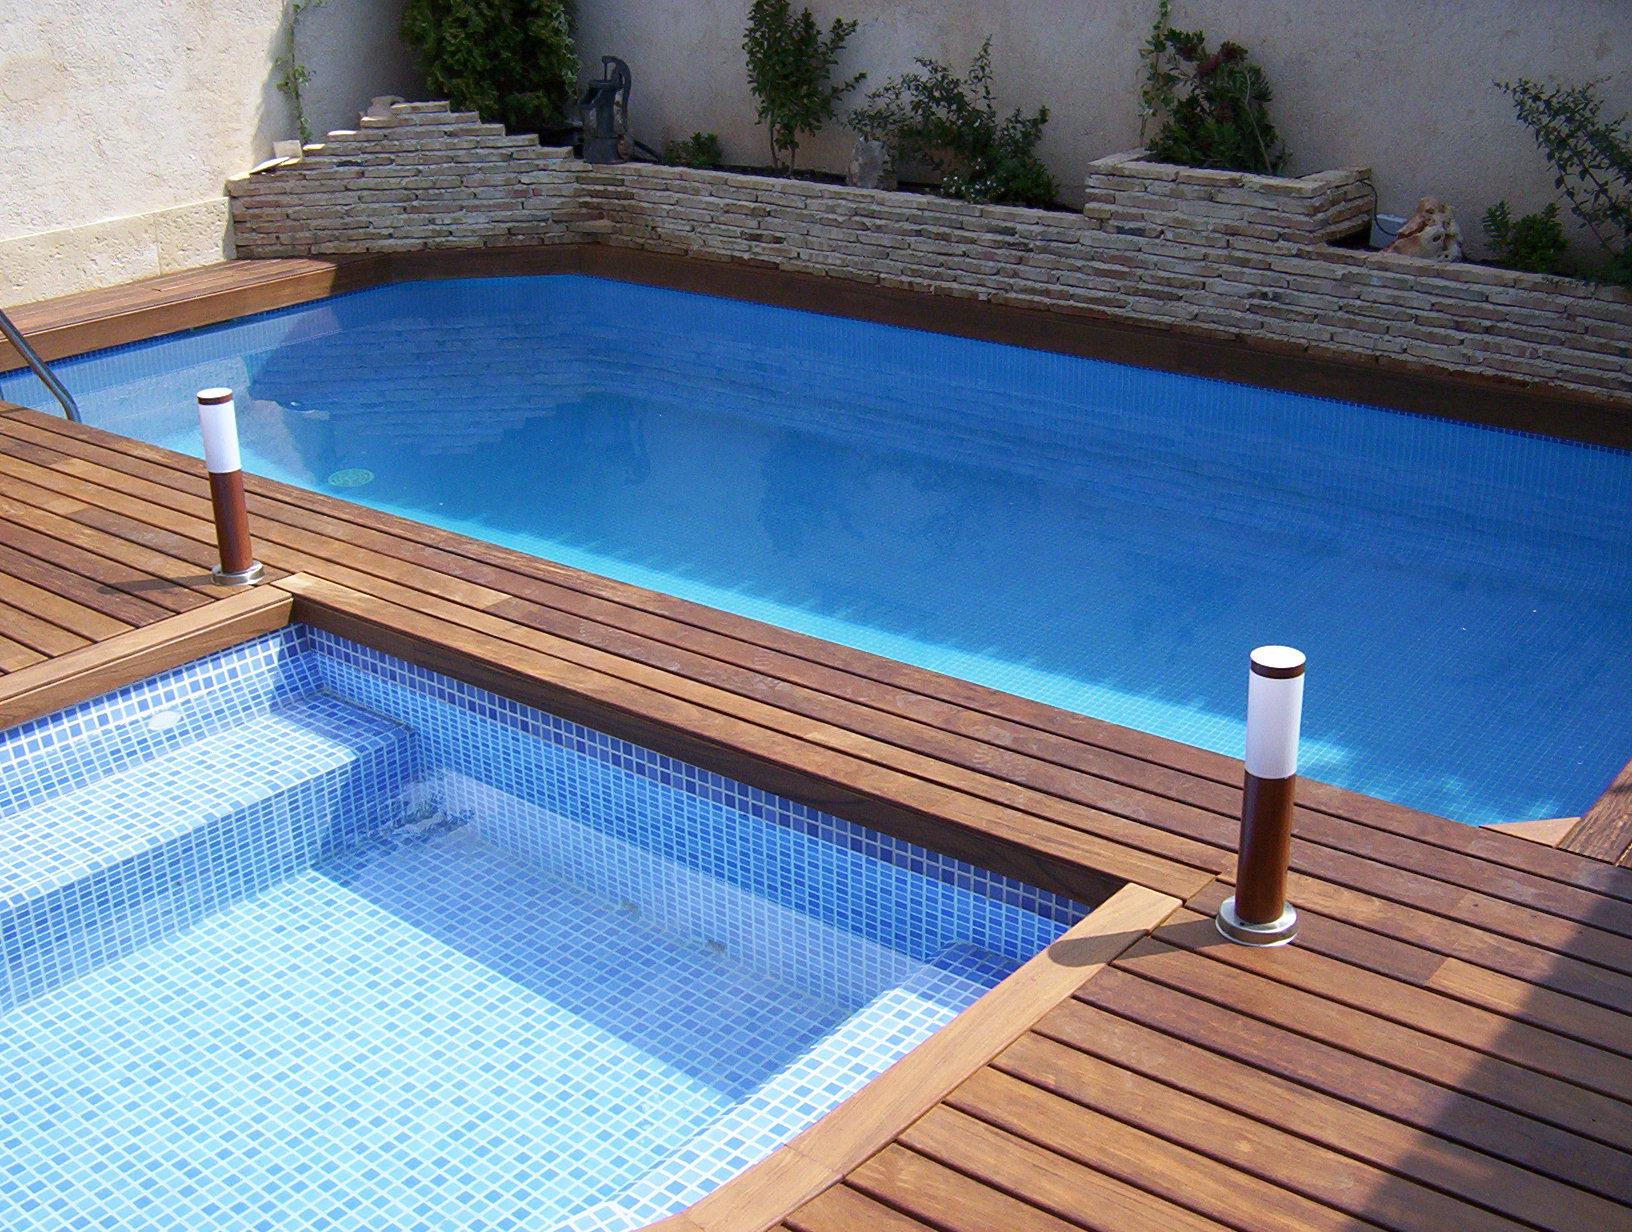 Tarima de ipe en piscina de exterior en alcobendas topmadera for Piscina de alcobendas